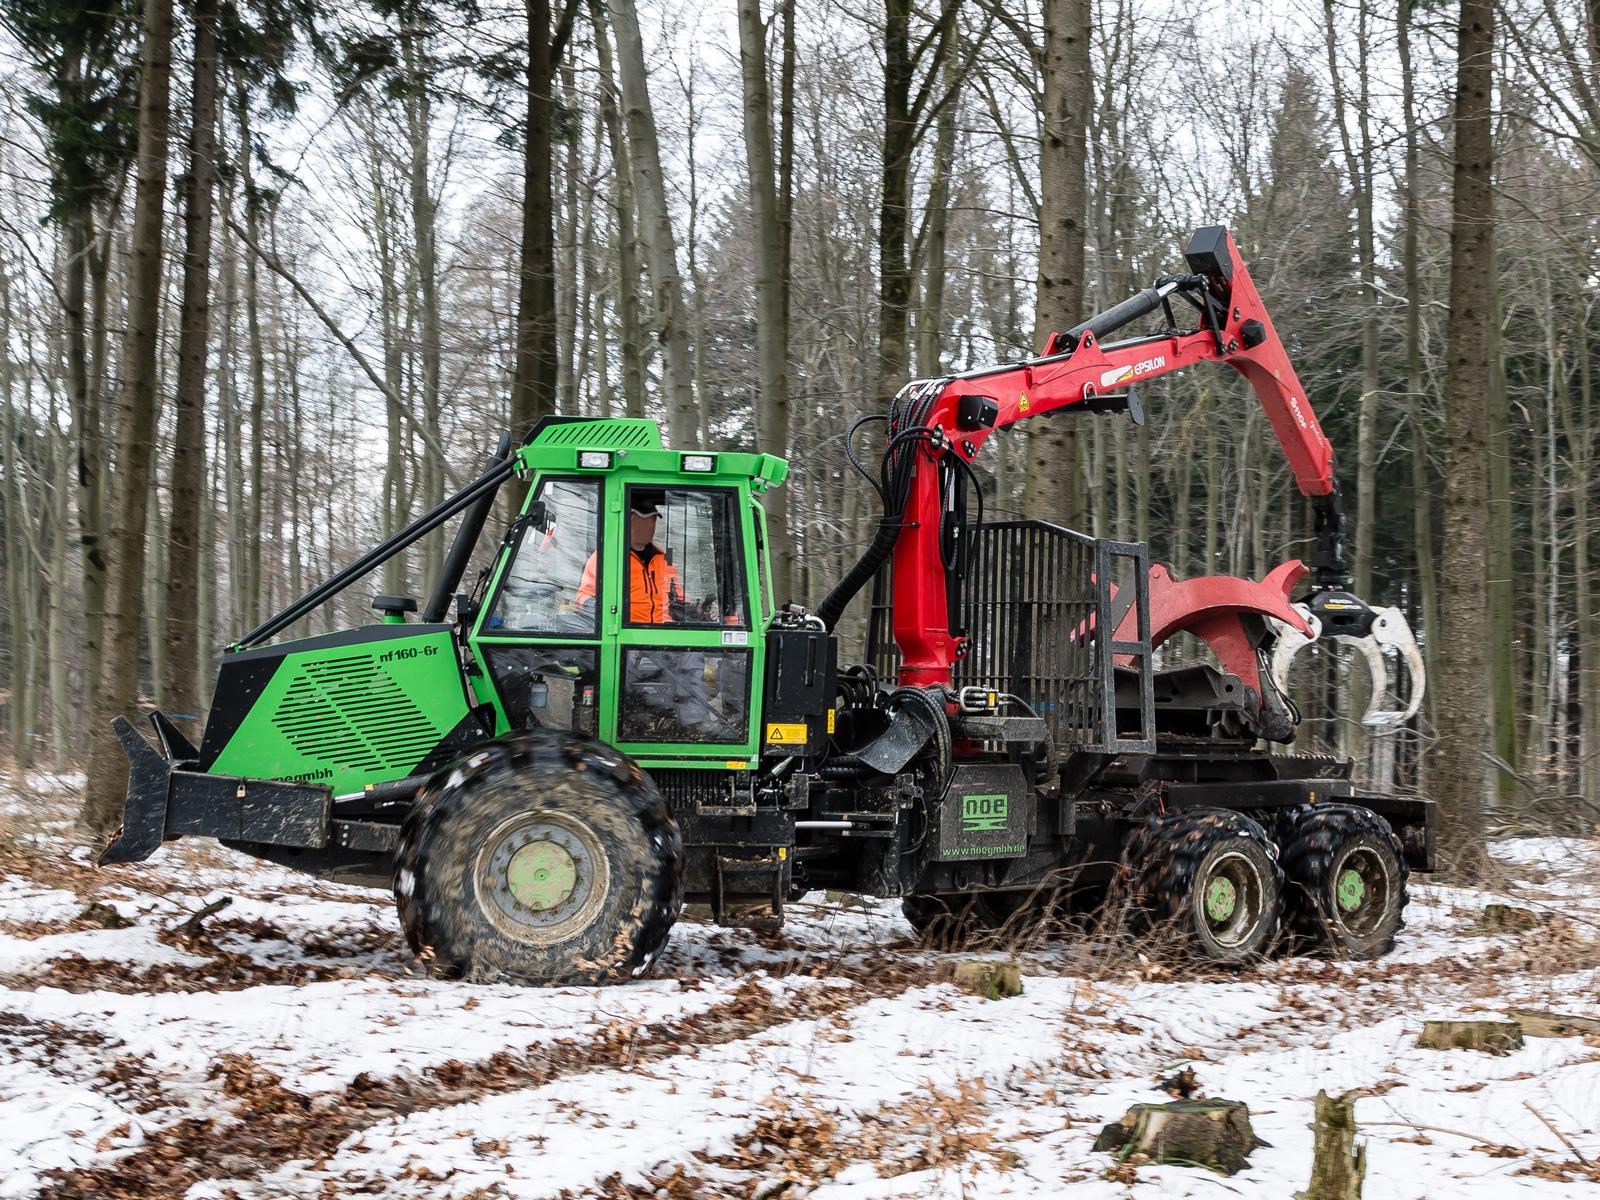 Forstspezialschlepper Noe NF160-6r auf dem Hohensteinkamm